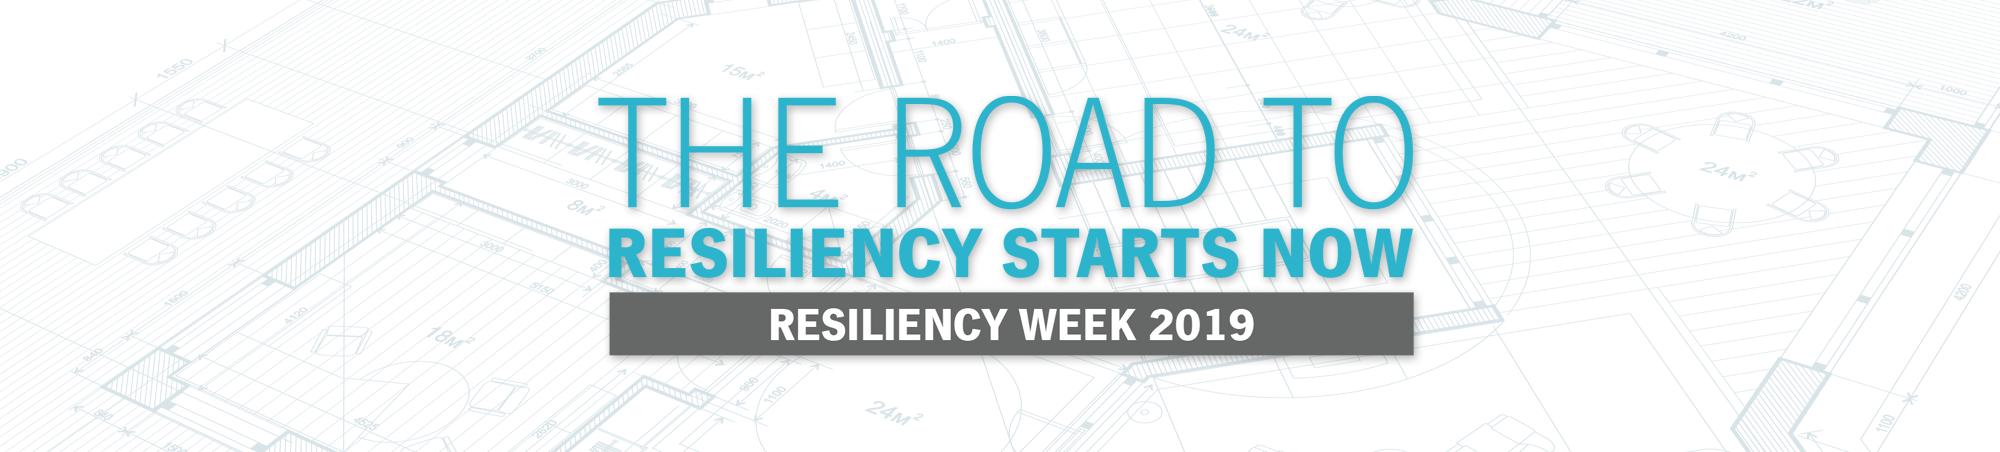 2019 Resiliency Week